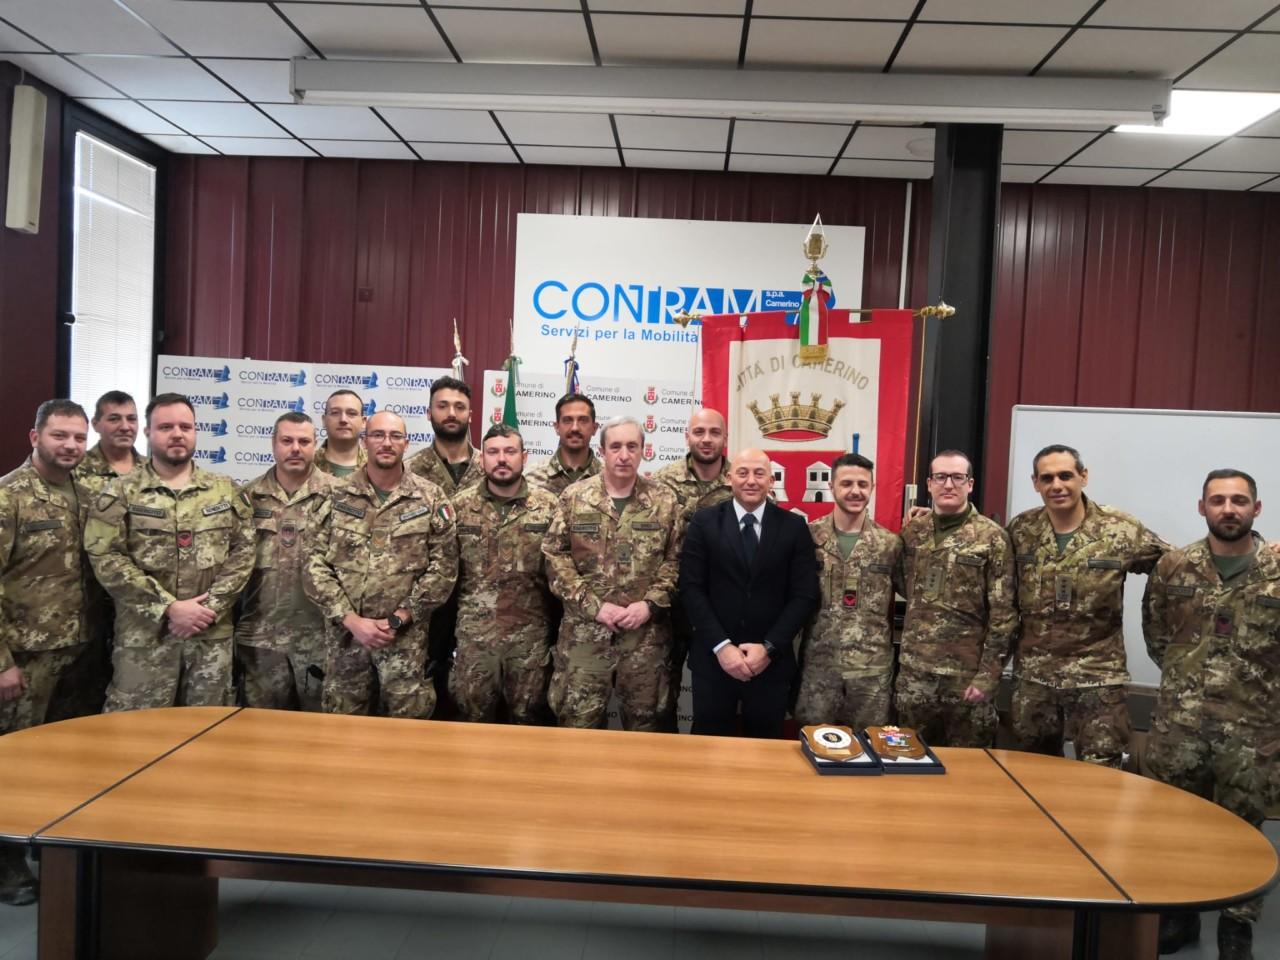 Demolizioni a Camerino, il sindaco omaggia l'Esercito - Cronache Maceratesi